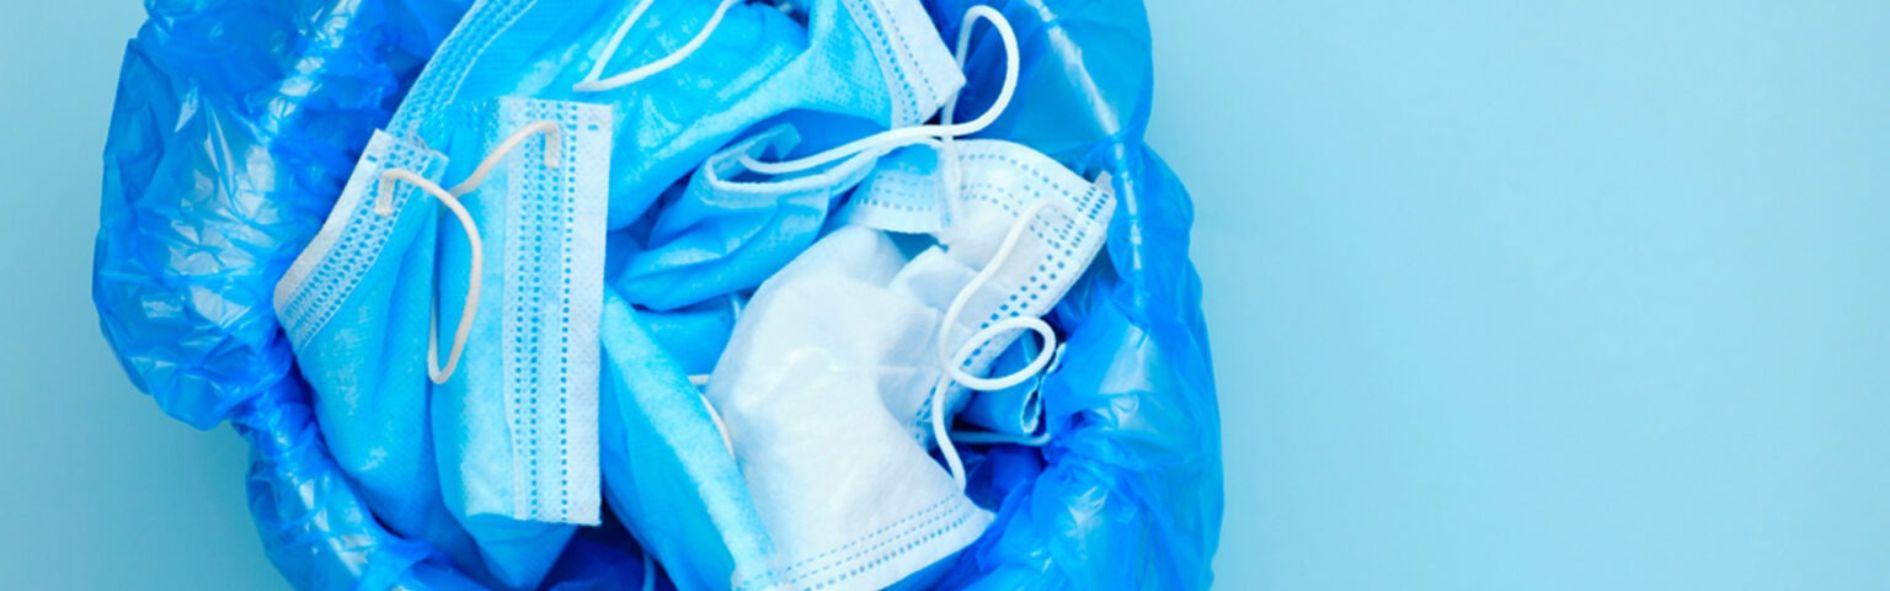 Descubre los residuos sanitarios y cómo se clasifican para tratarlos correctamente